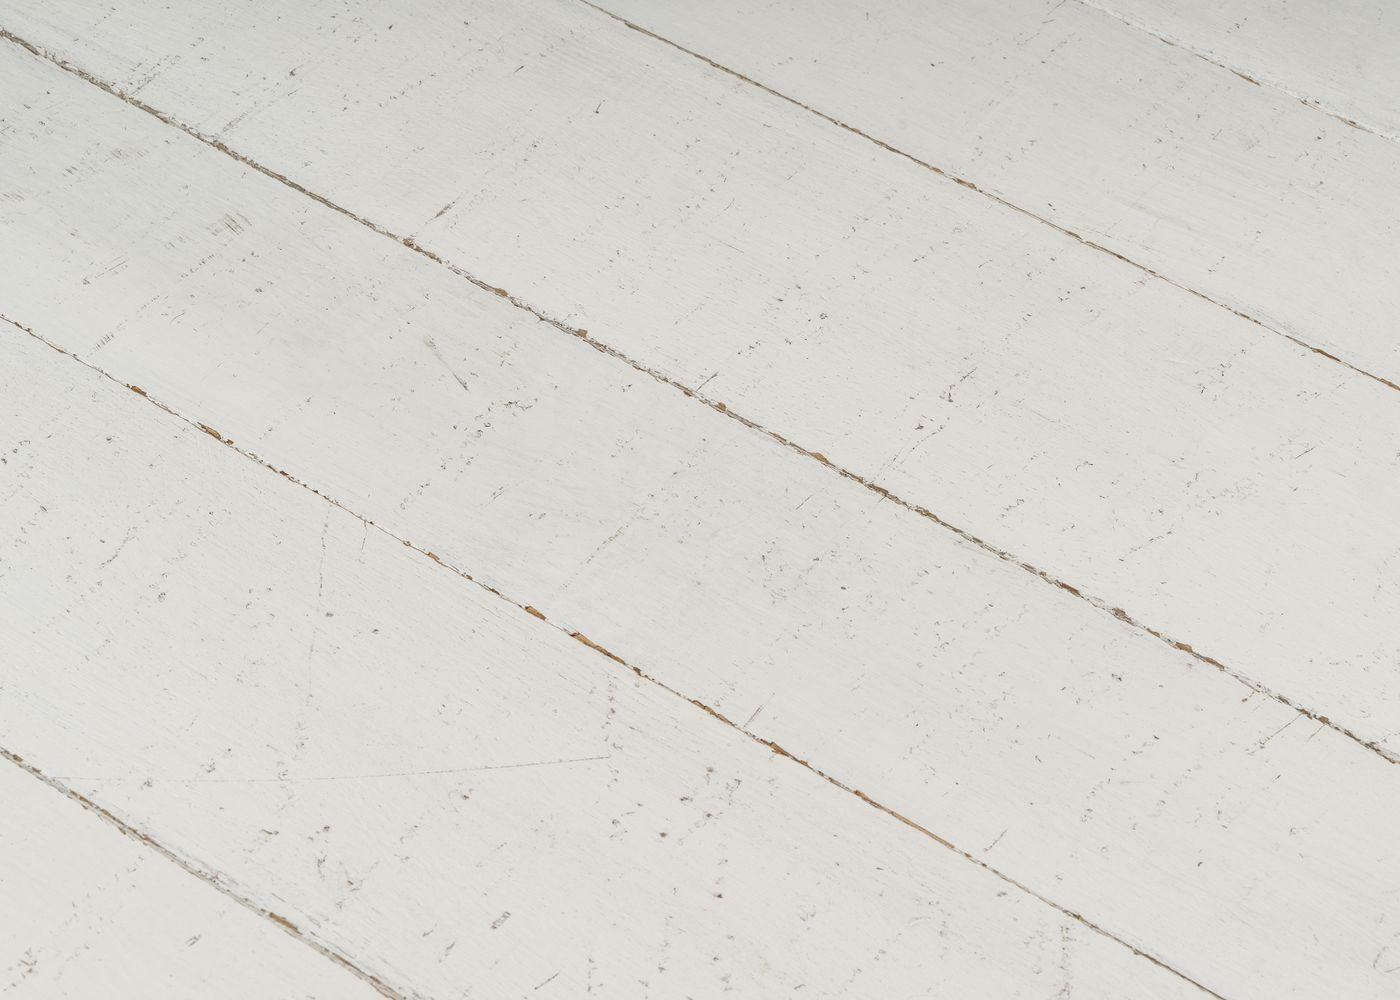 Parquet chêne massif PEINT VIEUX BLANC vieilli huile cire 15x340x400-200015x120-200x1800-2700